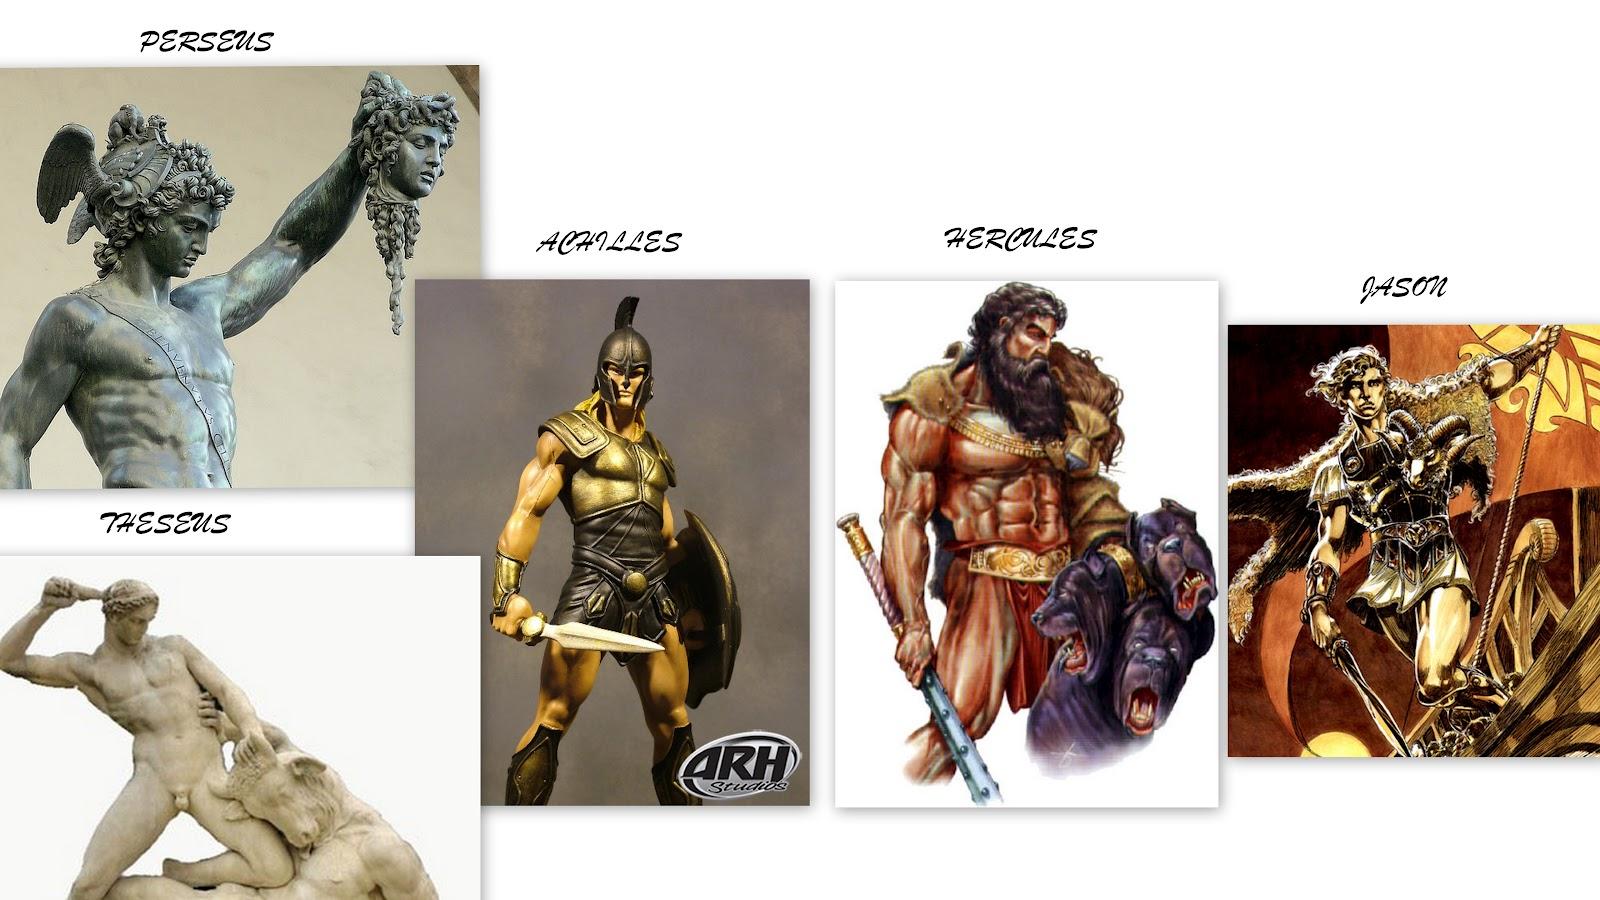 greek gods relationship with mortals vs